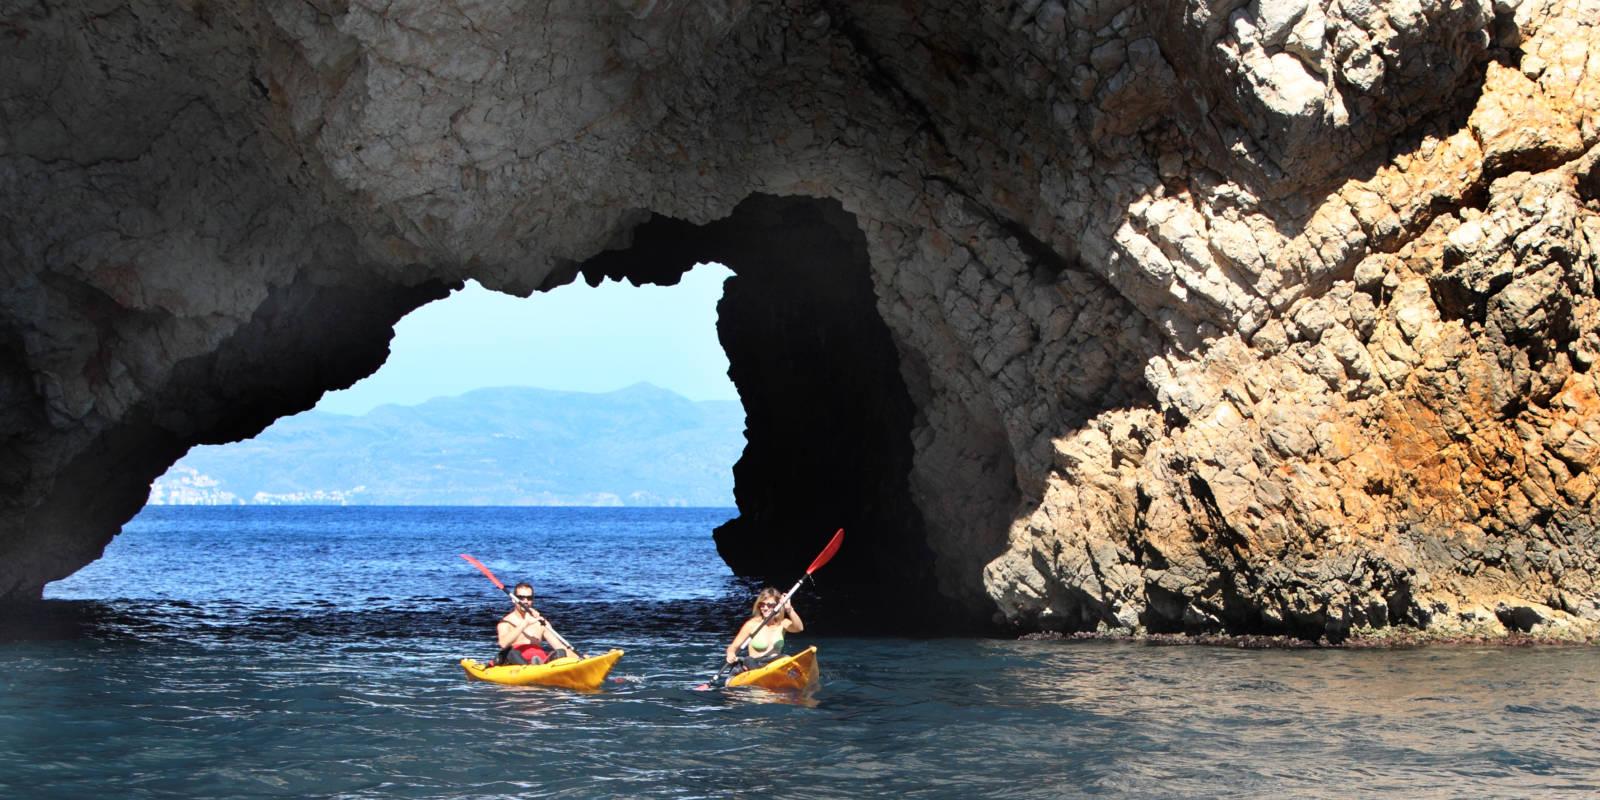 Kayak-Tour bei L'Estartit © Oficina de Turisme de l'Estartit